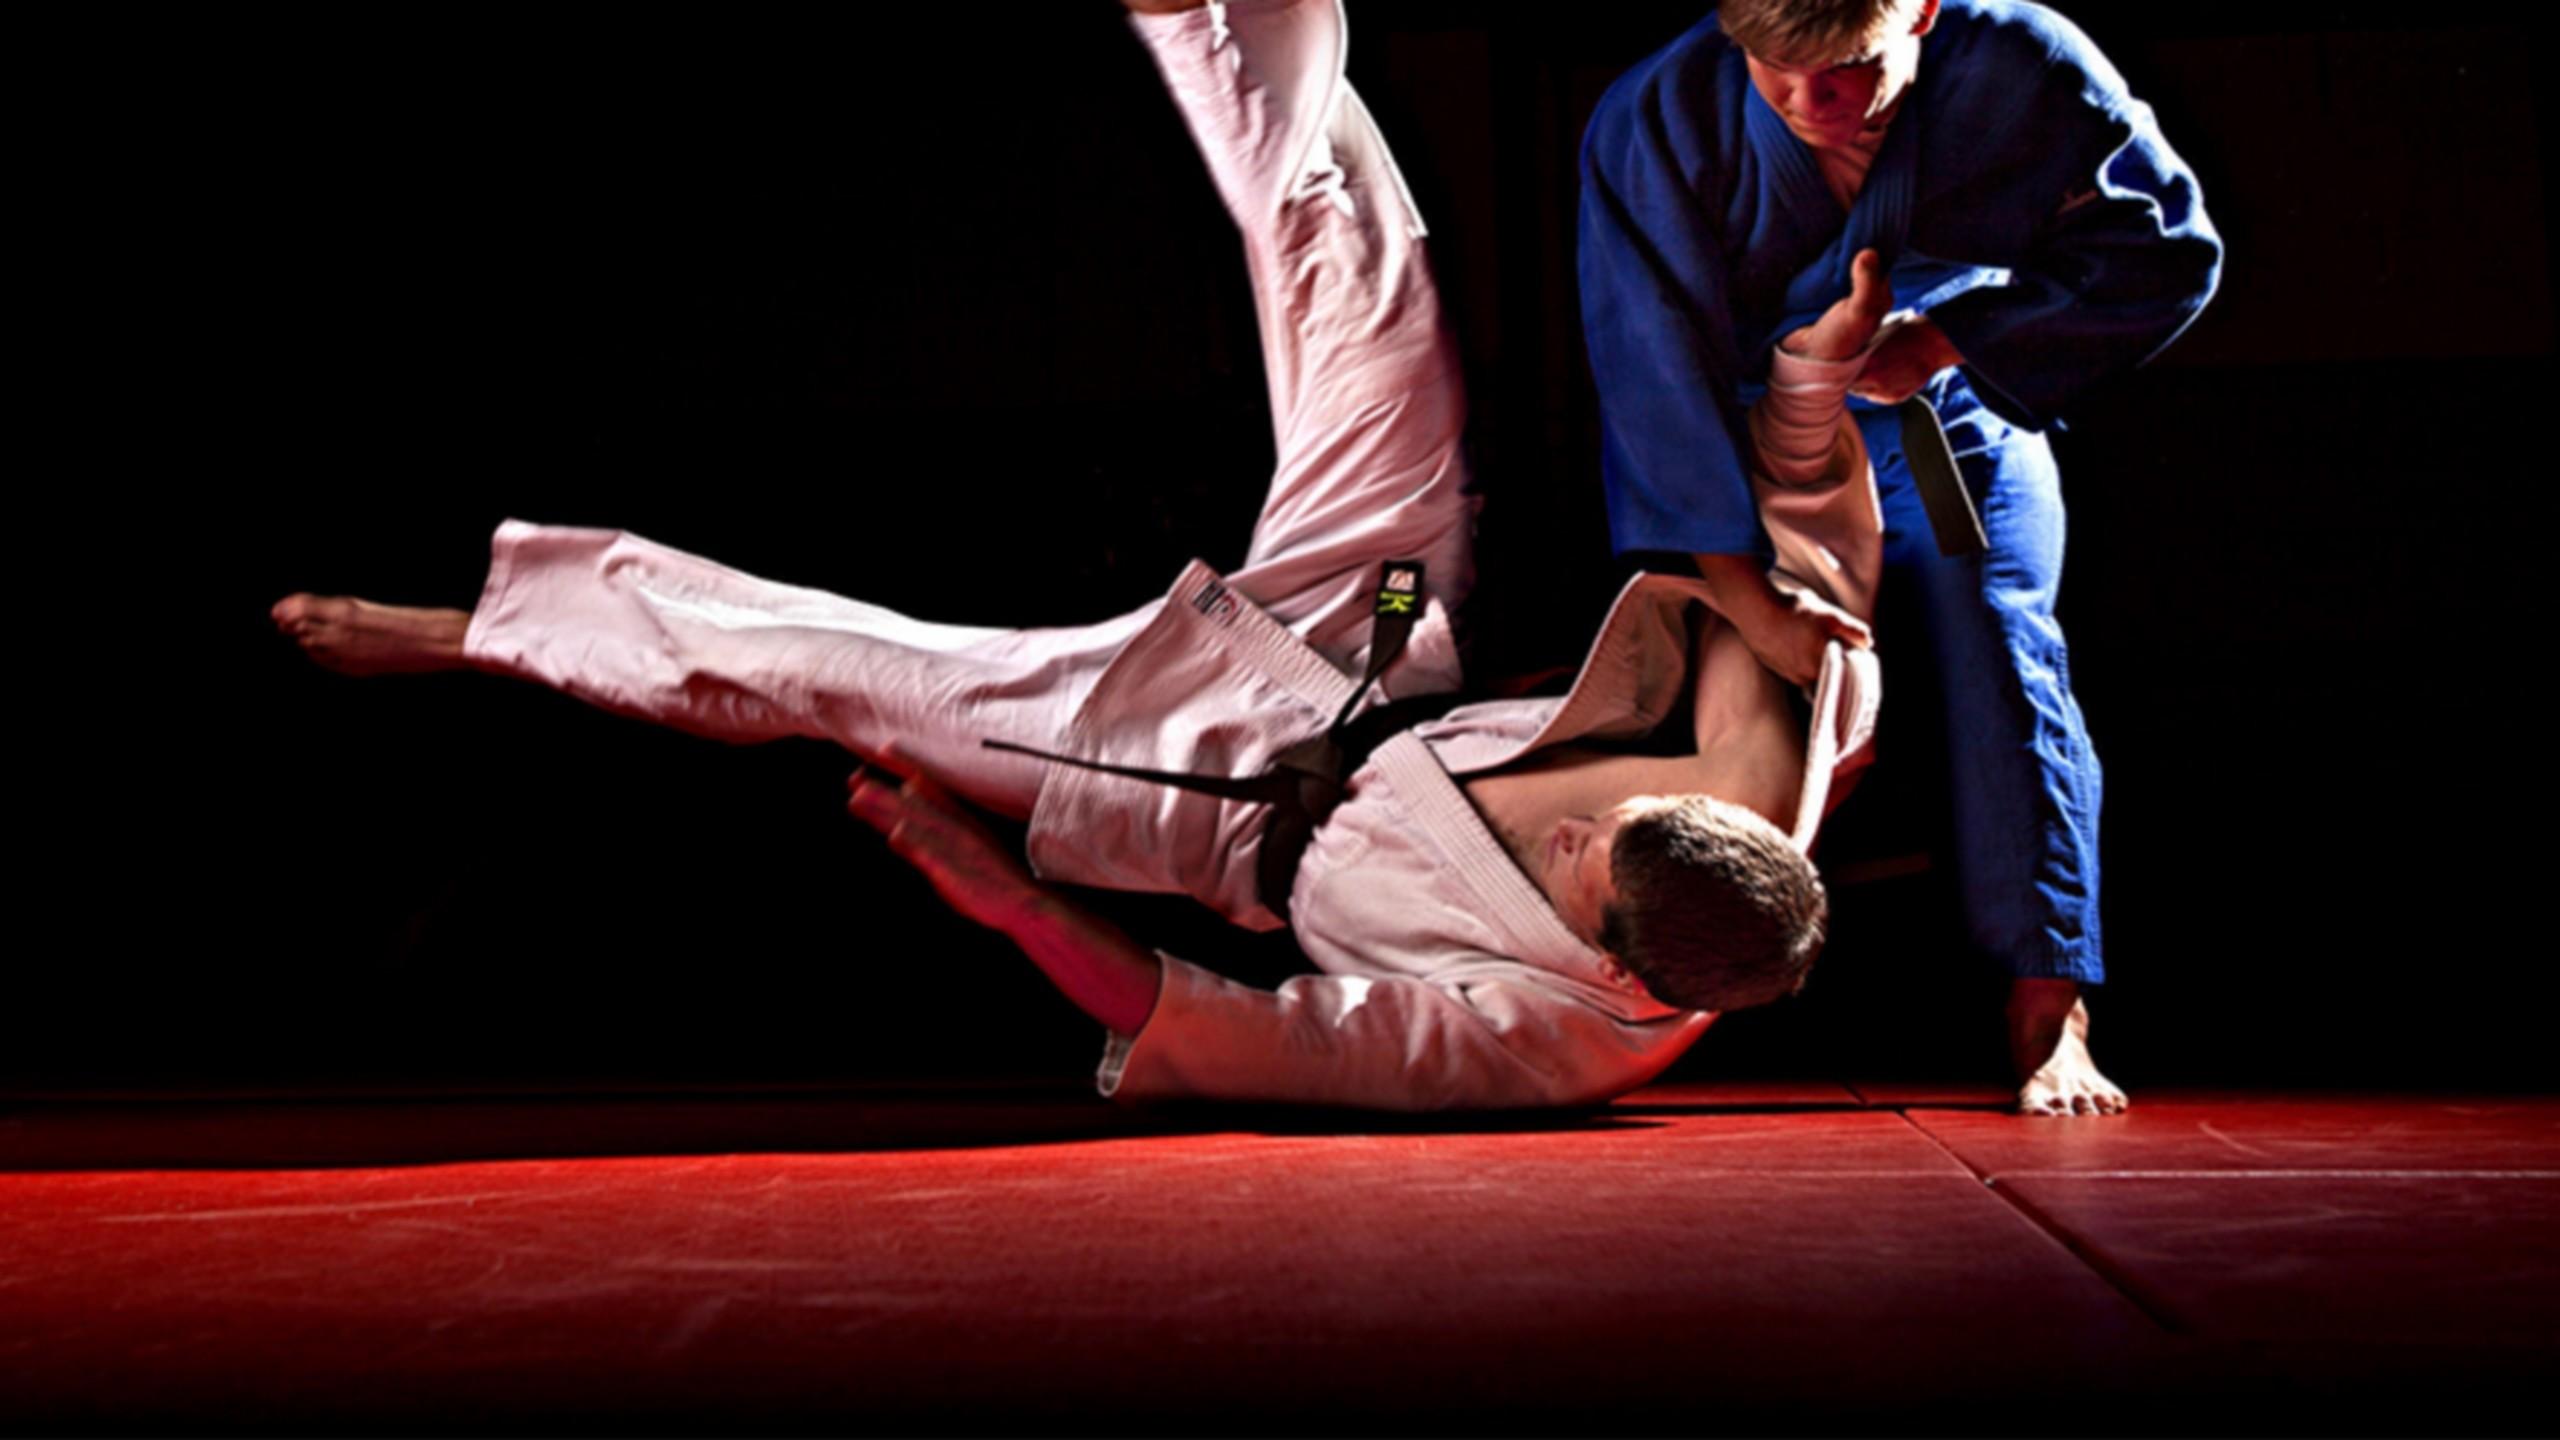 Judo Hd